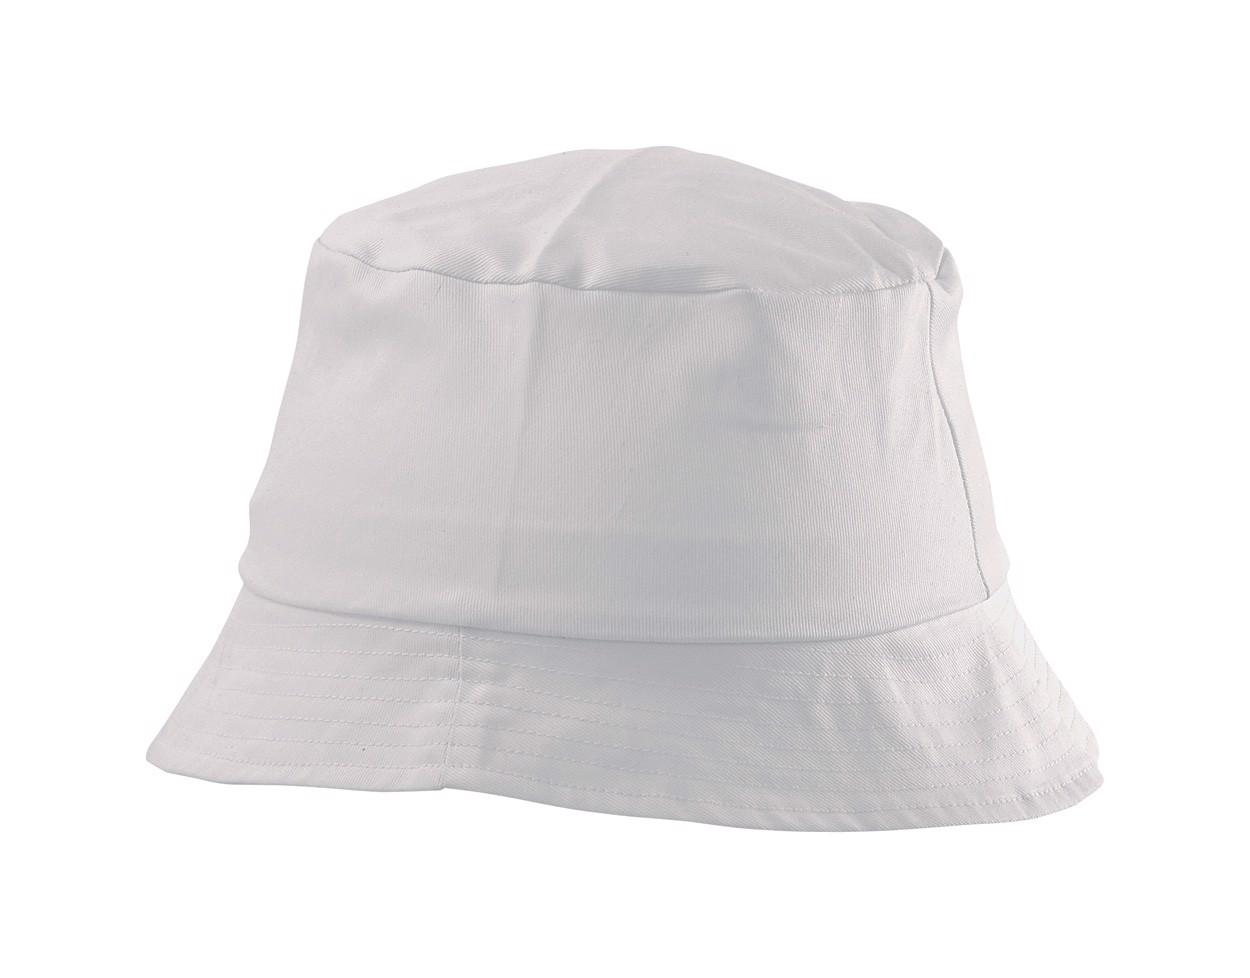 Şapcă Baseball Pentru Copii Timon - Alb